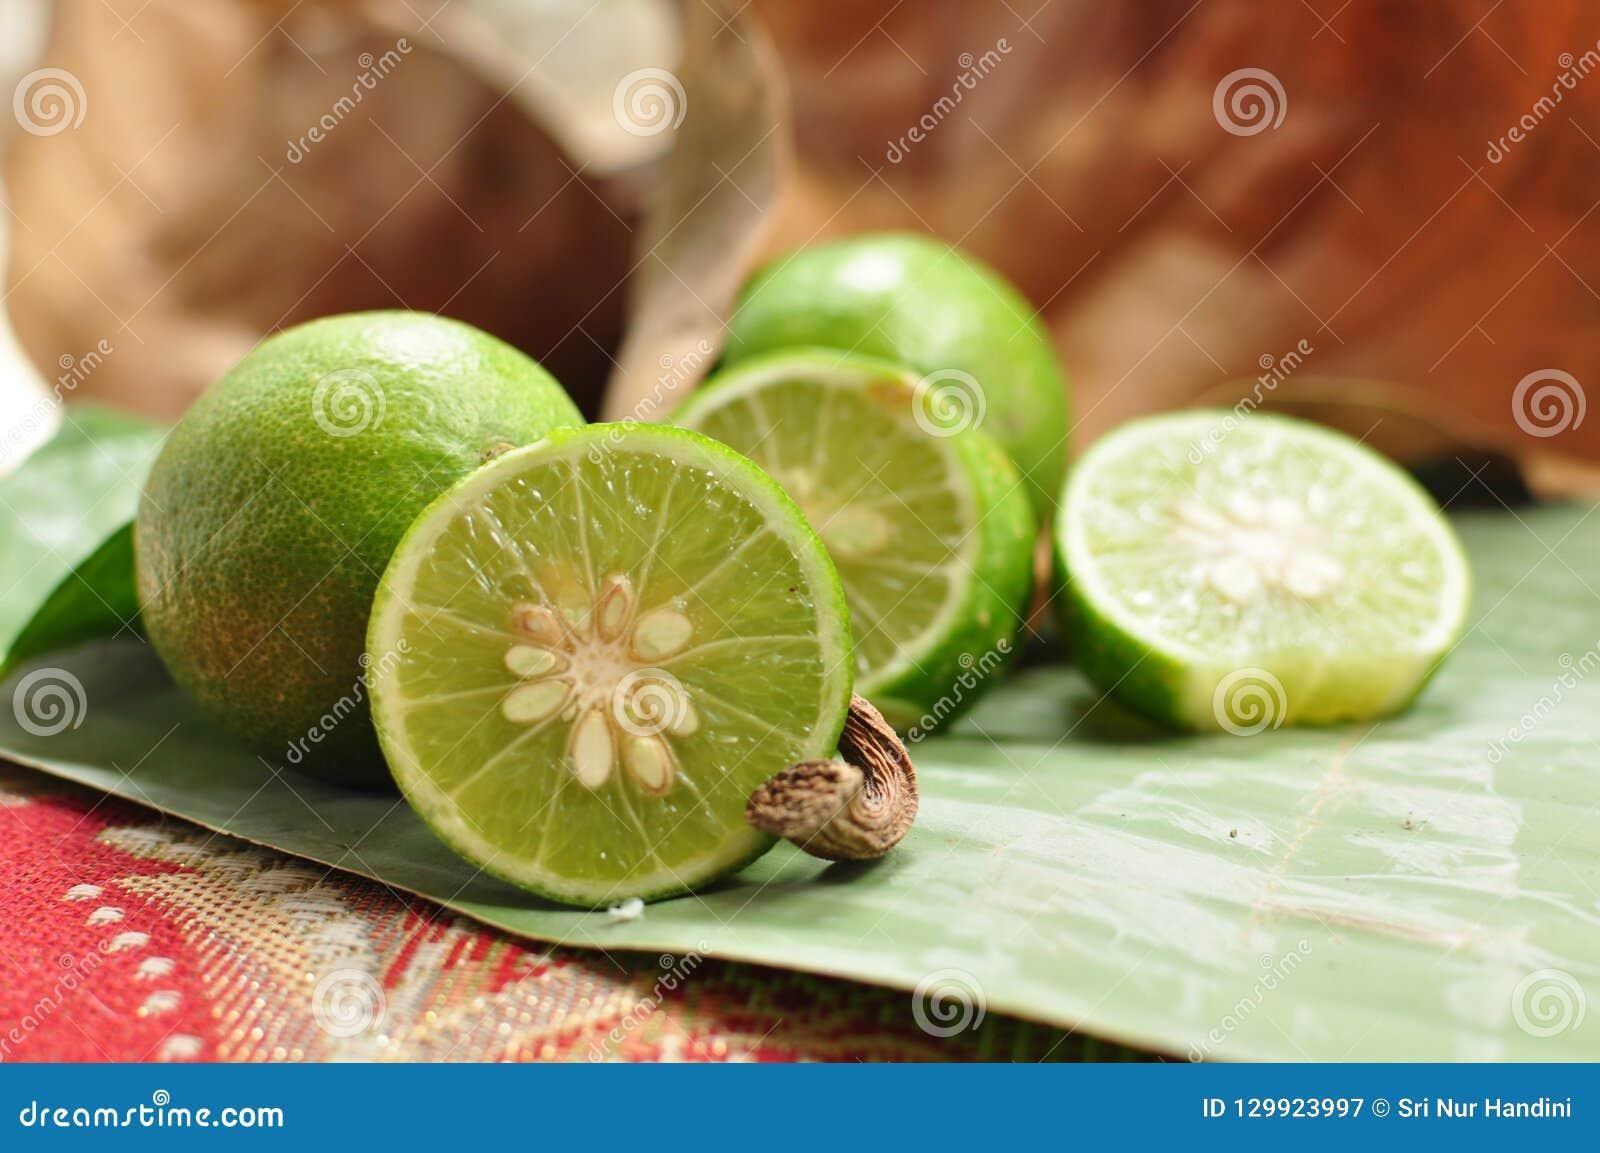 Ny limefrukt bär fruktt grönsaker